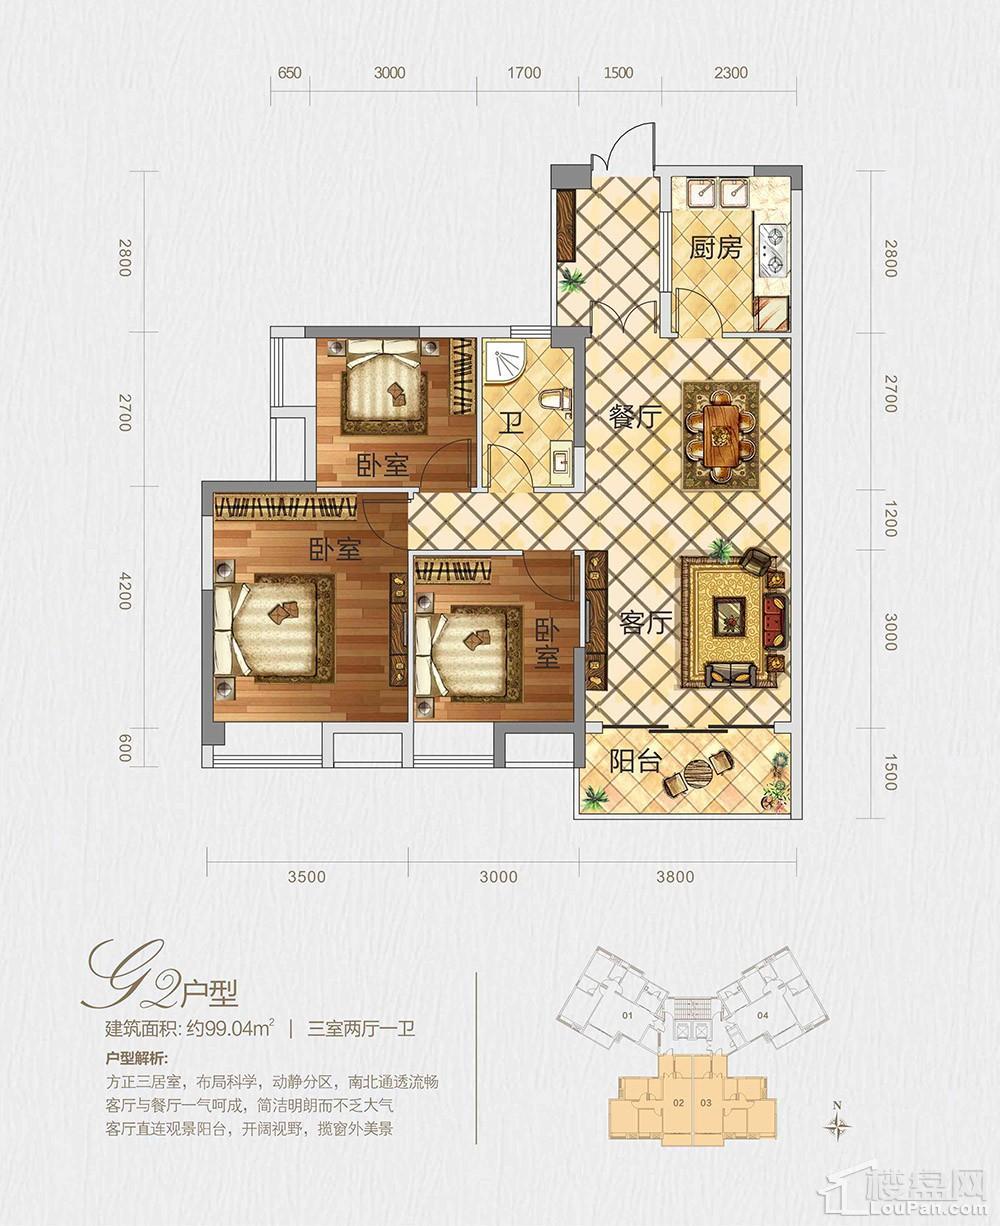 颐和庄园高层洋房G2户型